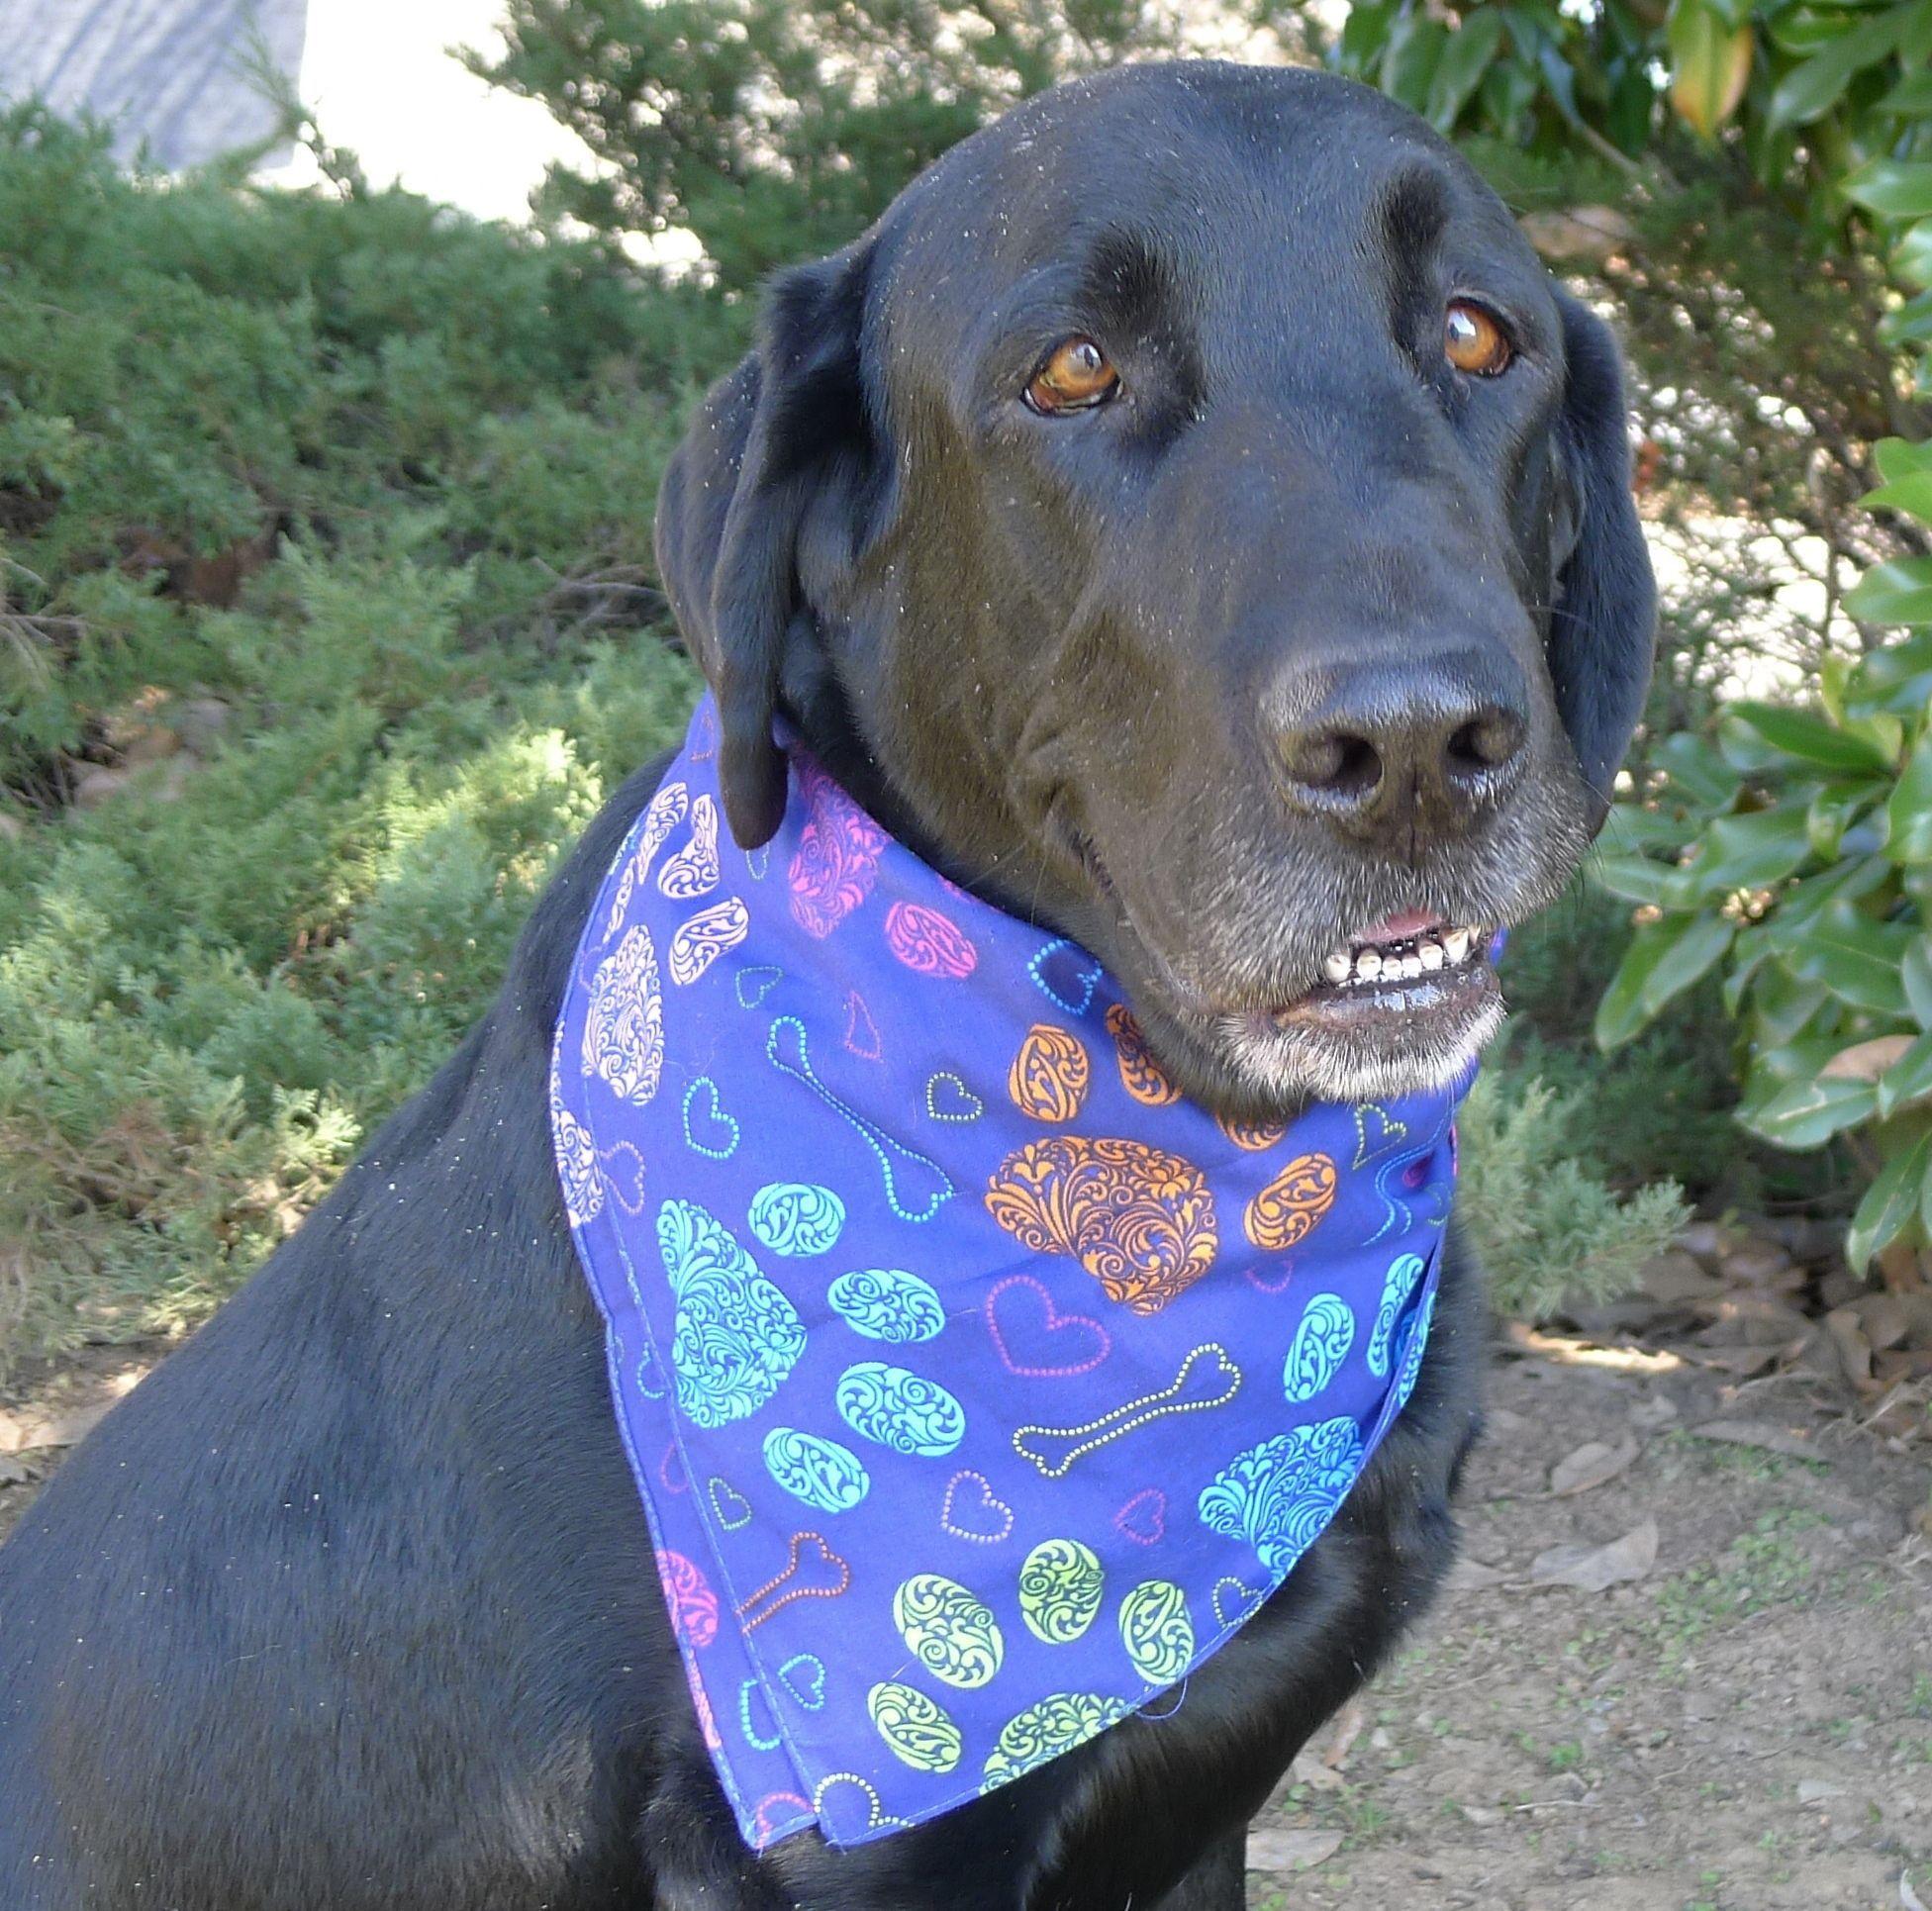 Asa is an adoptable Dog Labrador Retriever Mix searching